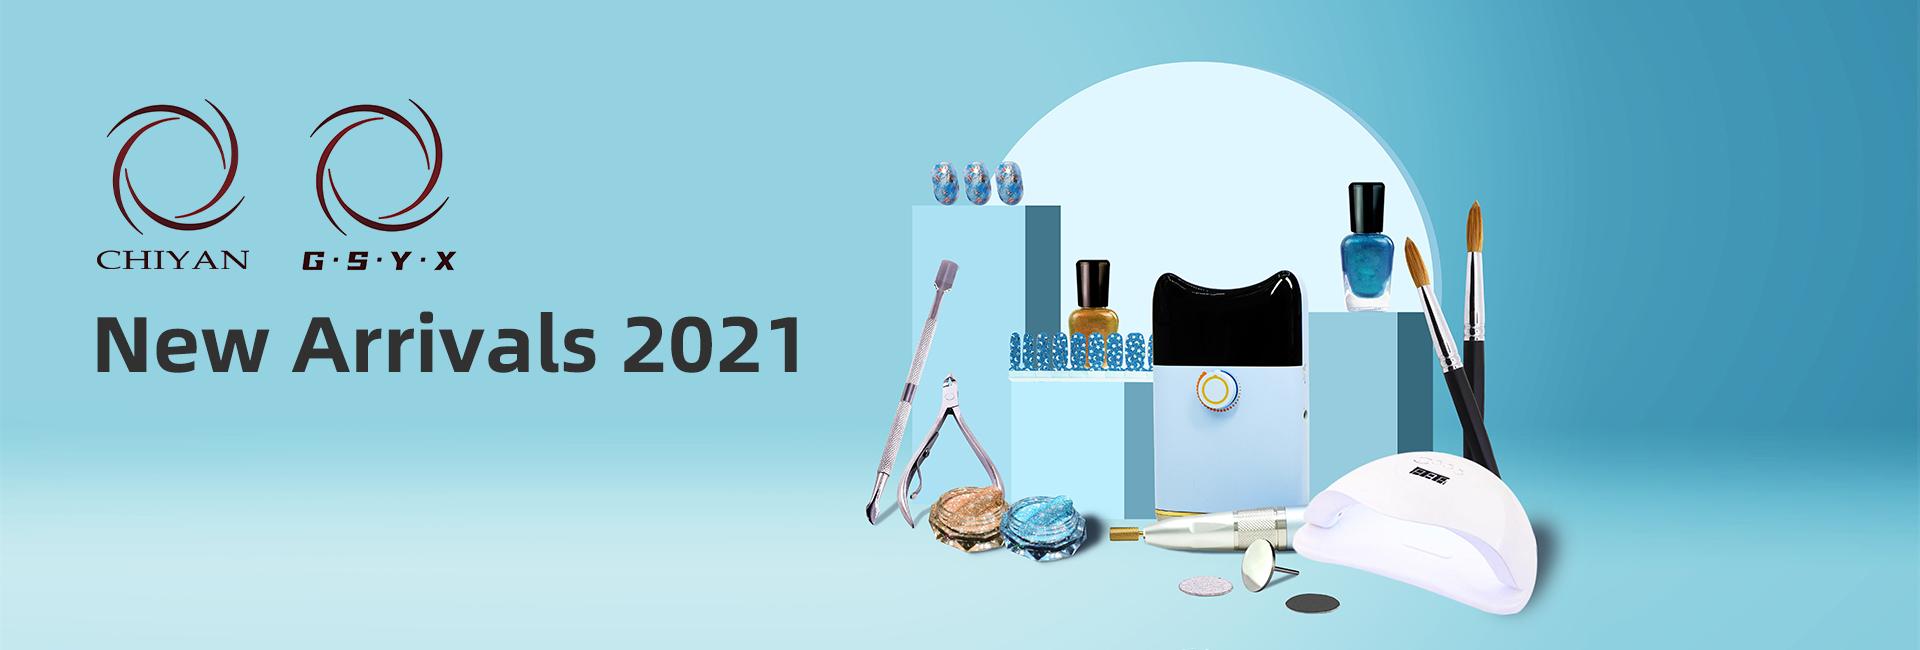 2021 New Arrivals